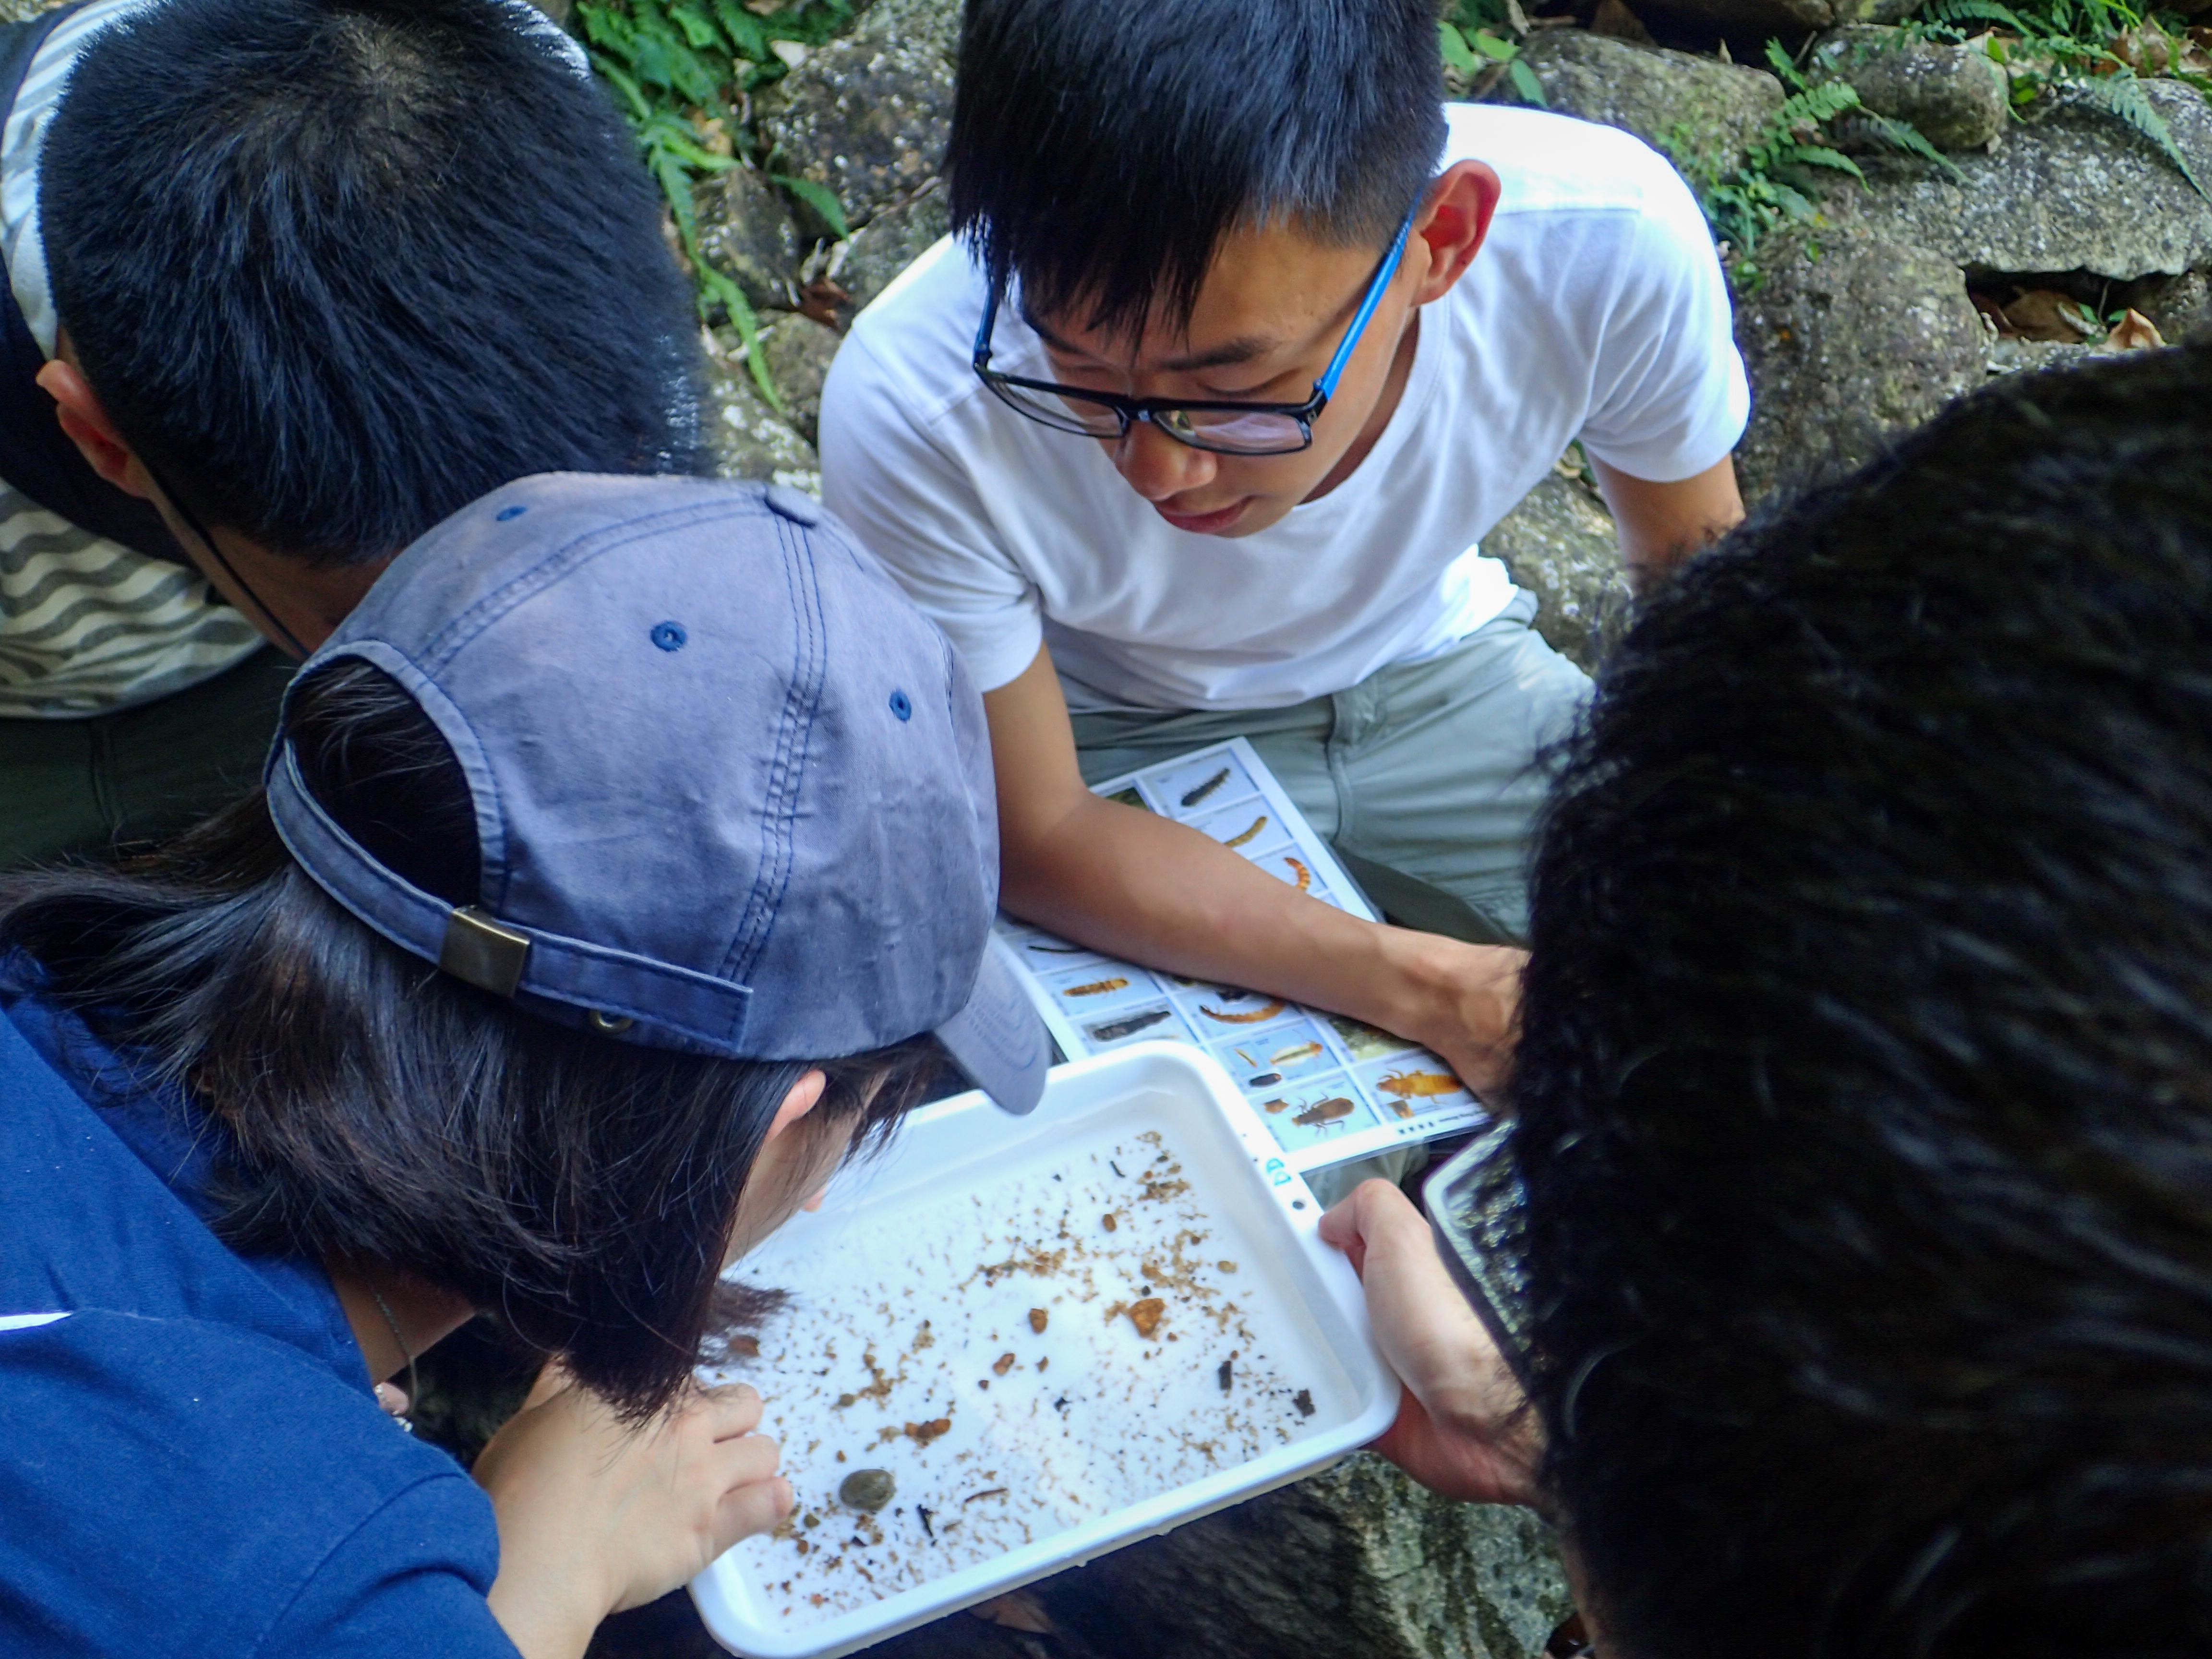 淡水動物調查 Freshwater Animal Survey